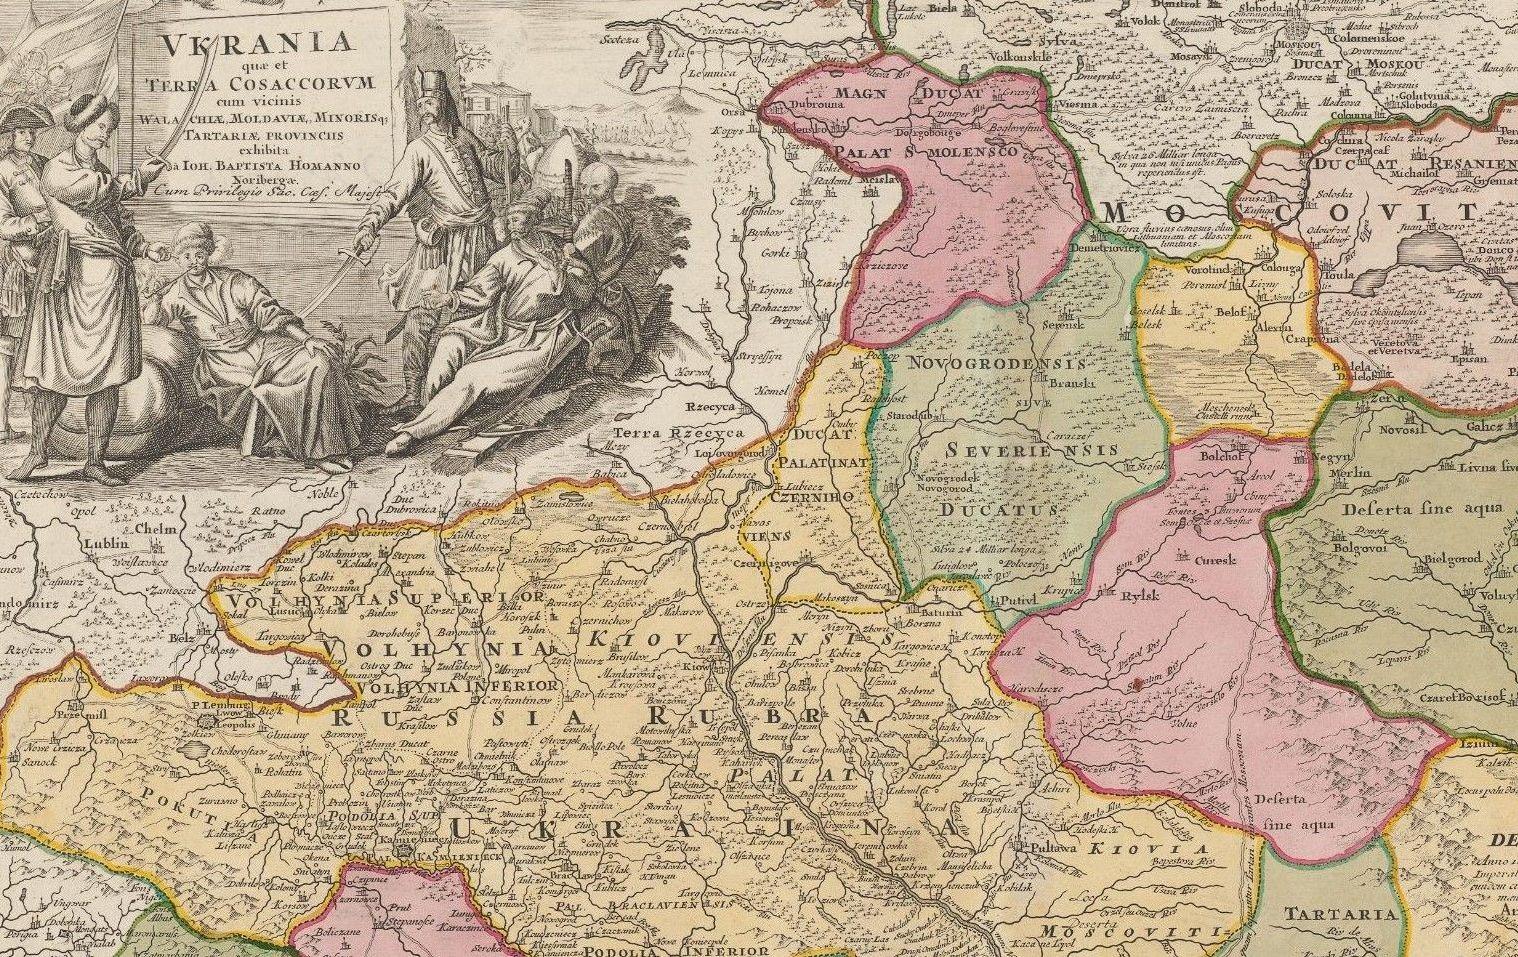 Фрагмент карты Украины. Автор И.Б.Хоманн, 1715 год